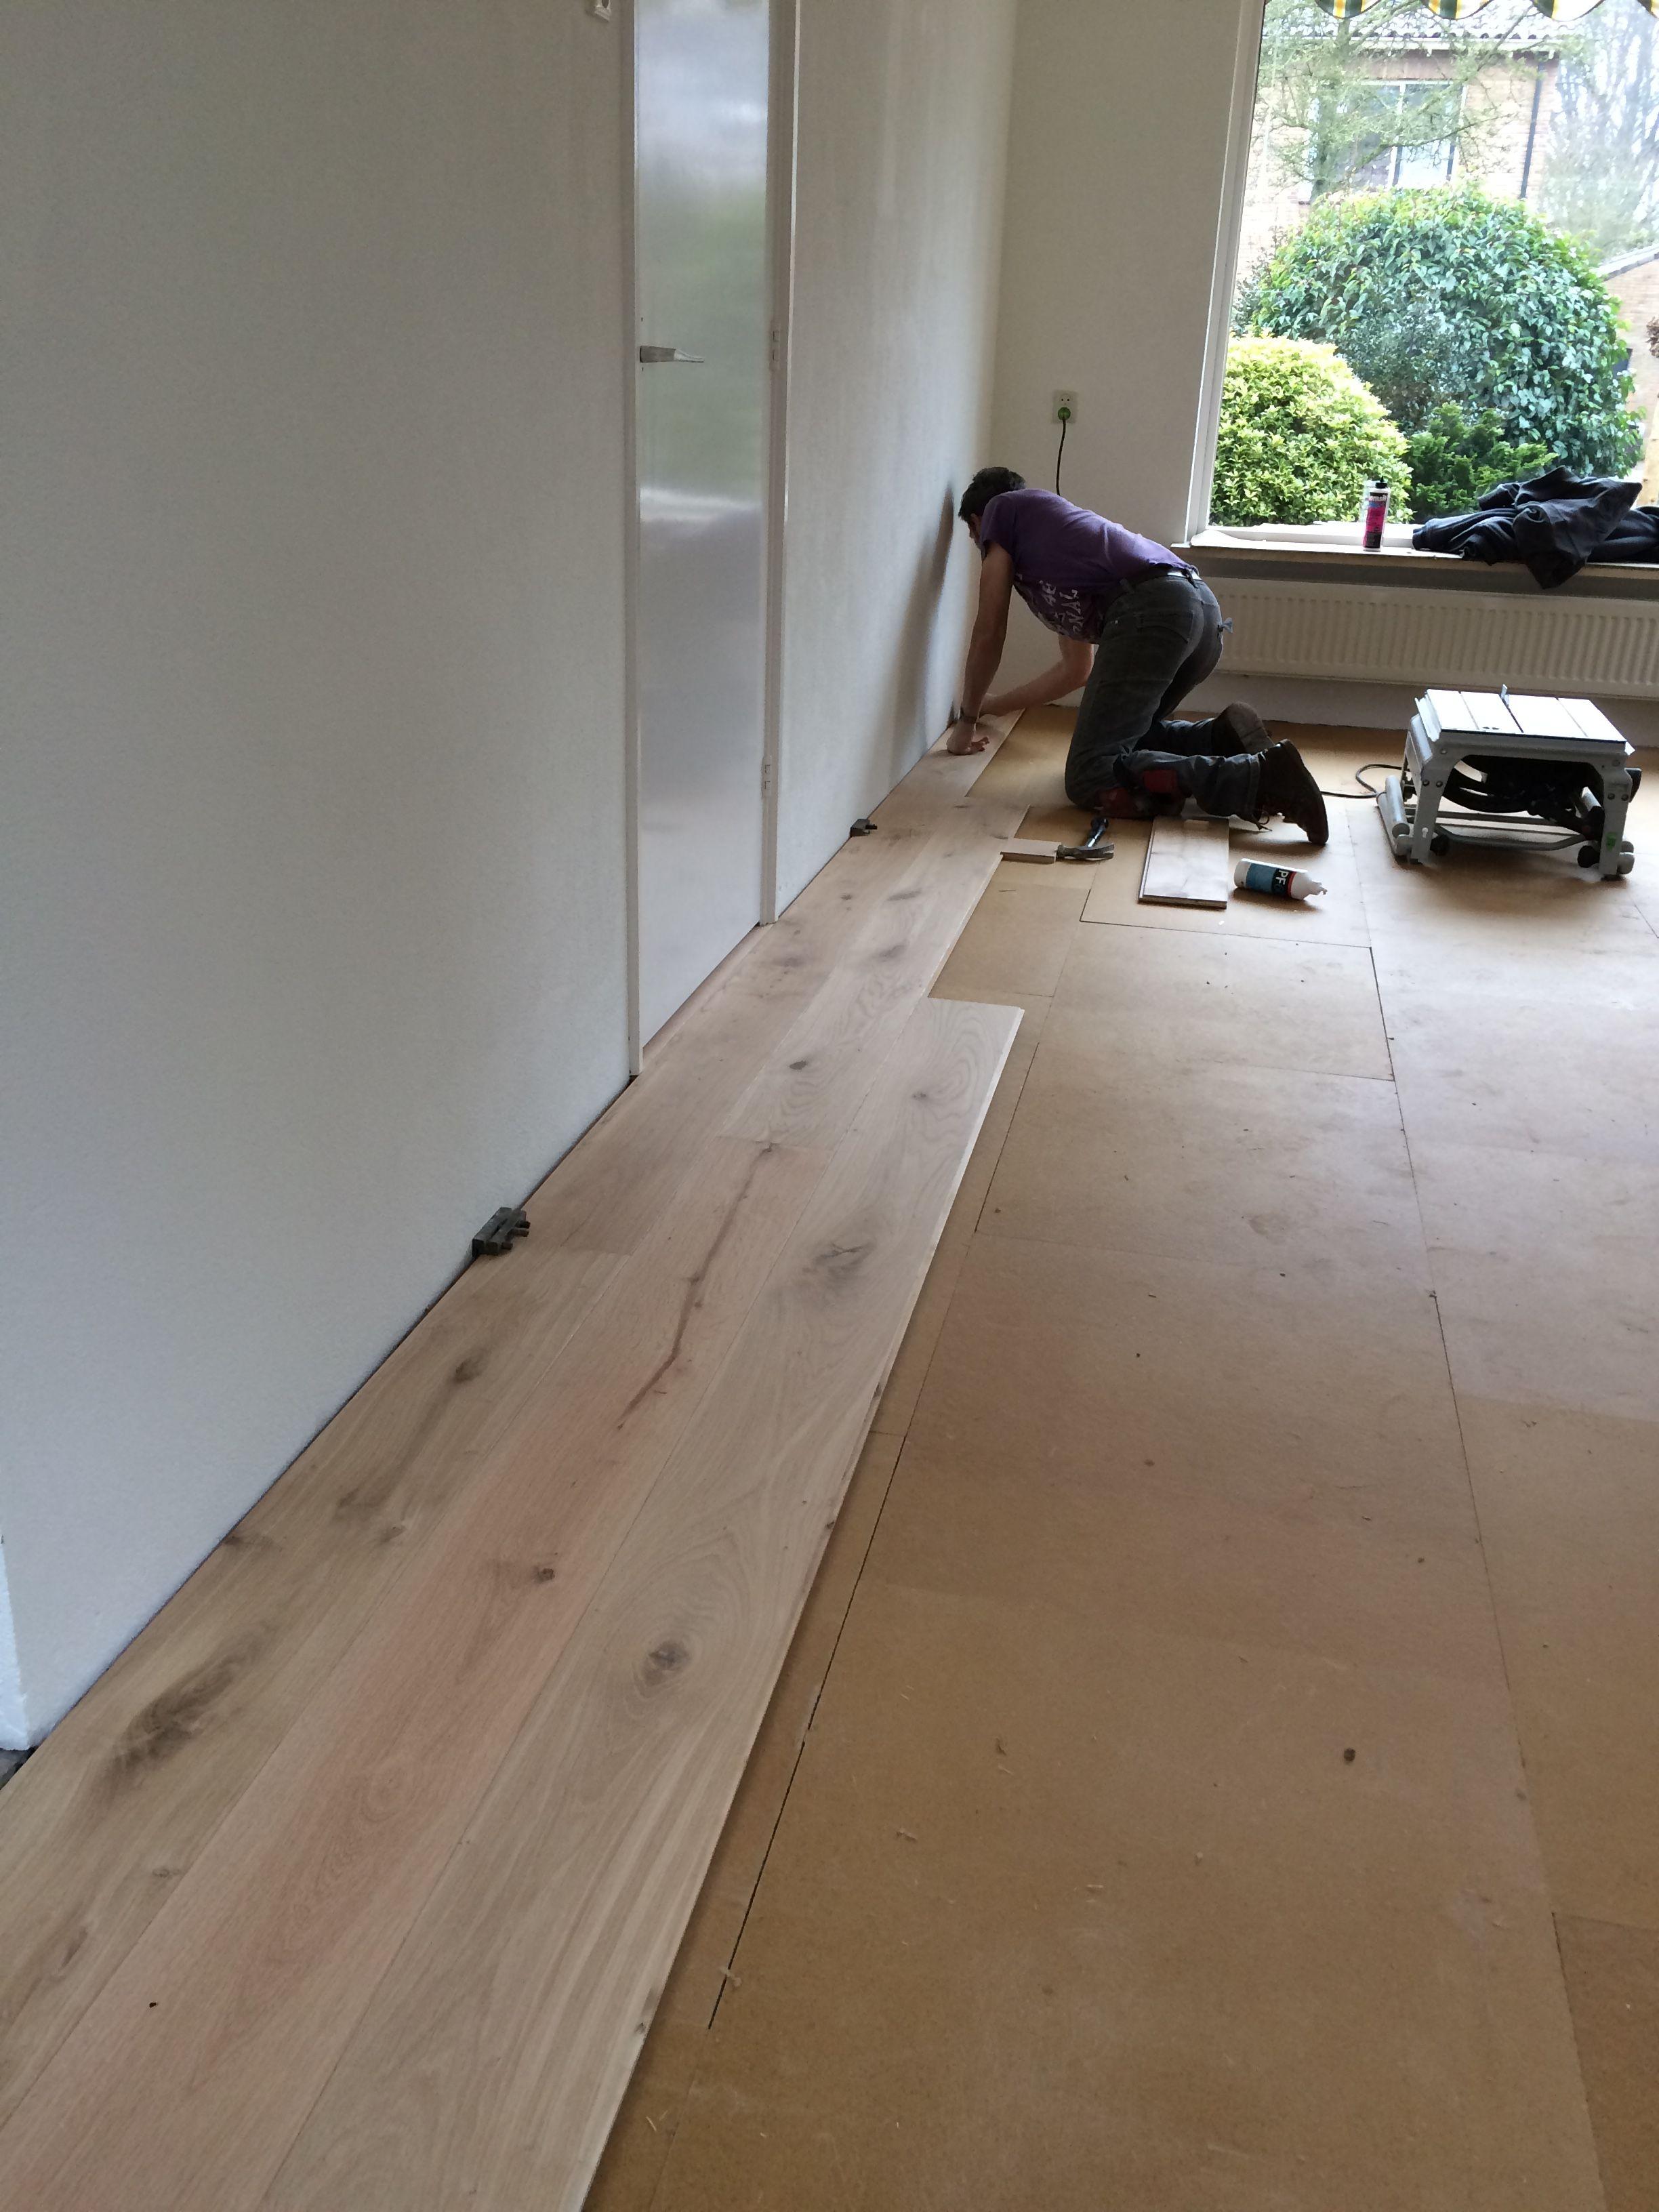 Ondervloer Eiken Vloer : Woonkamer aan het voorzien van eiken houten vloer op een db